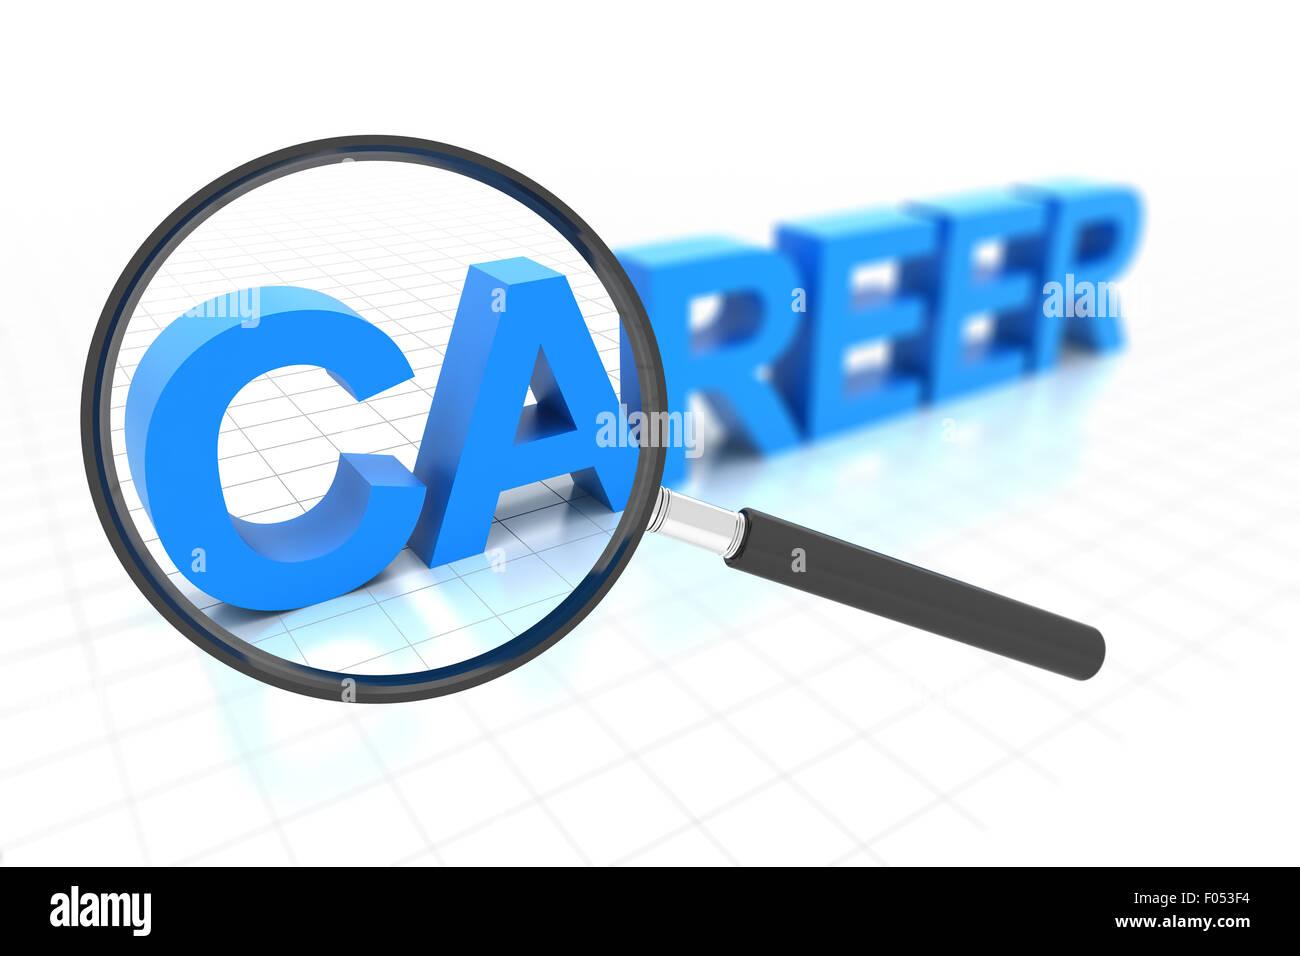 Cerca di cancellare il percorso di carriera Immagini Stock